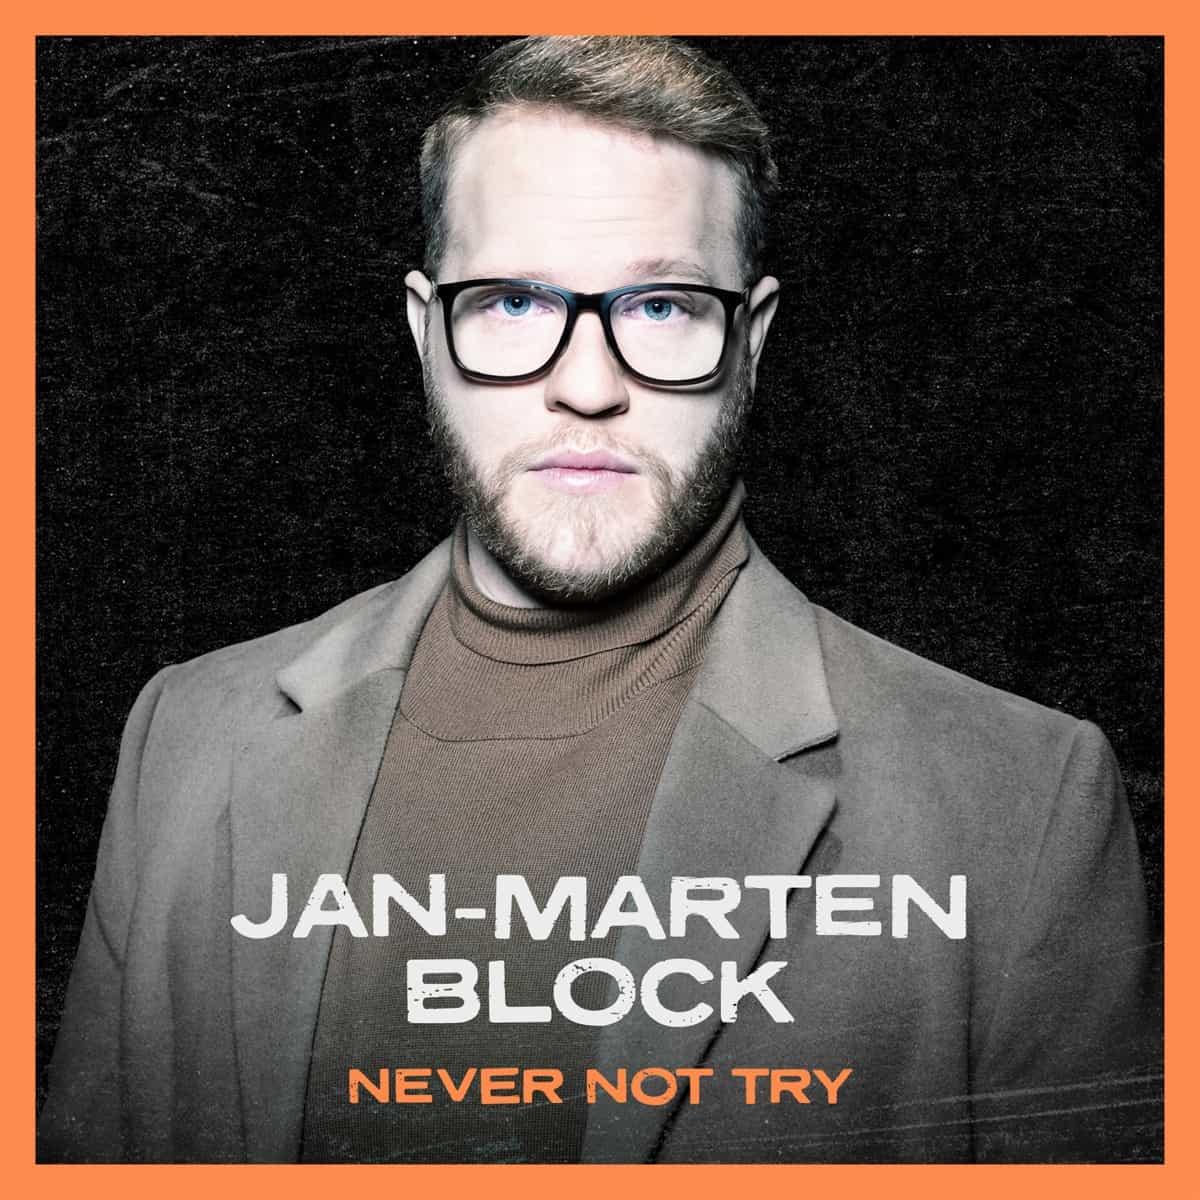 Jan-Marten Block - Never Not Try - DSDS 2021 Sieger-Song, Final-Song